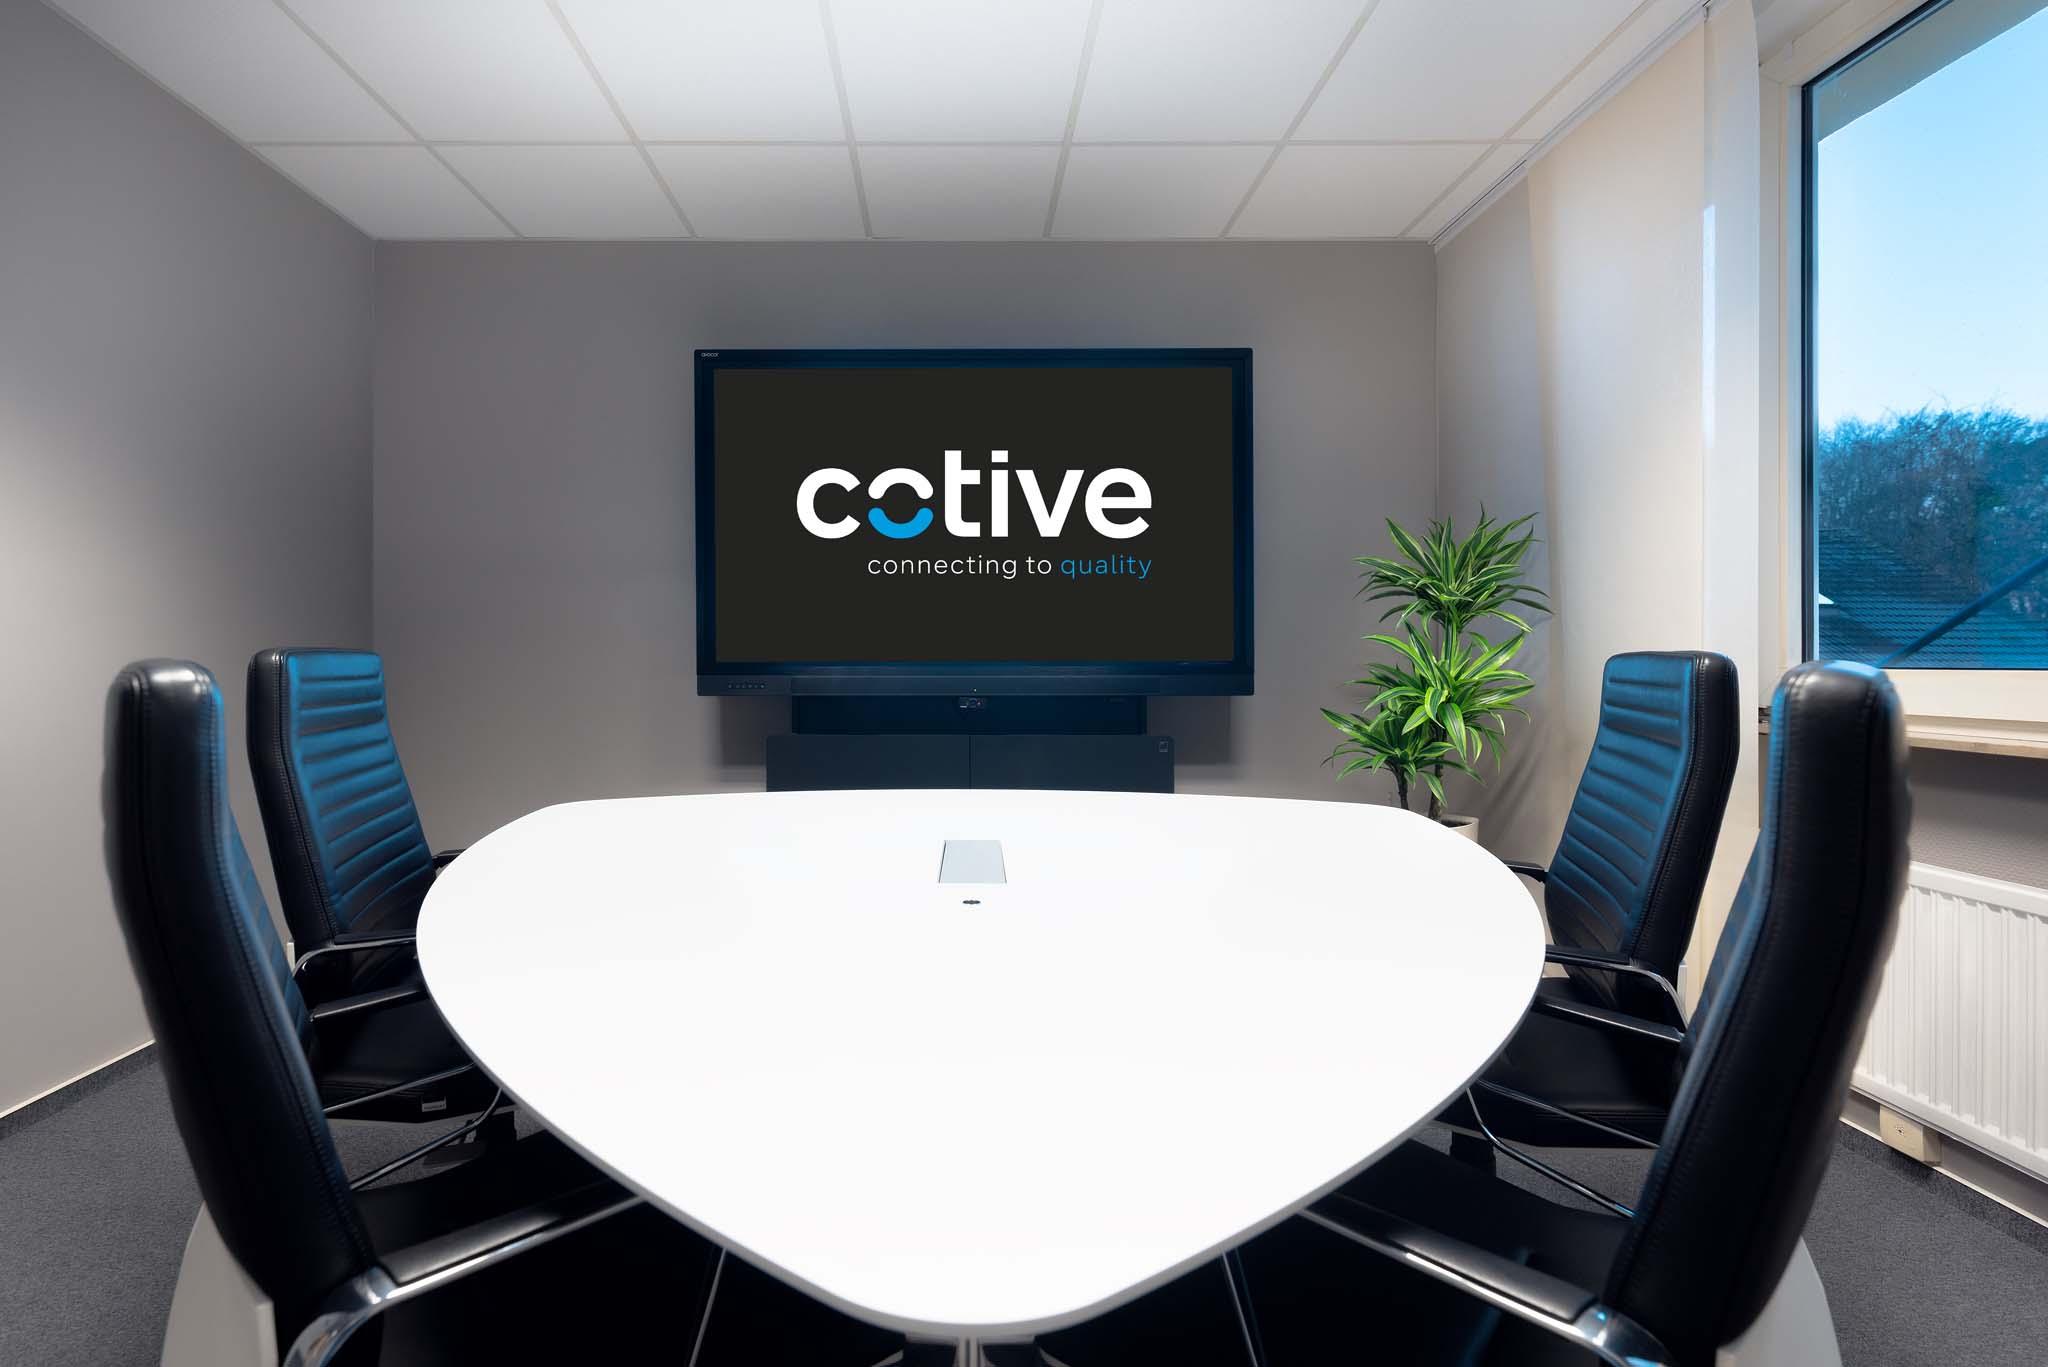 cotive-huddleroom-1